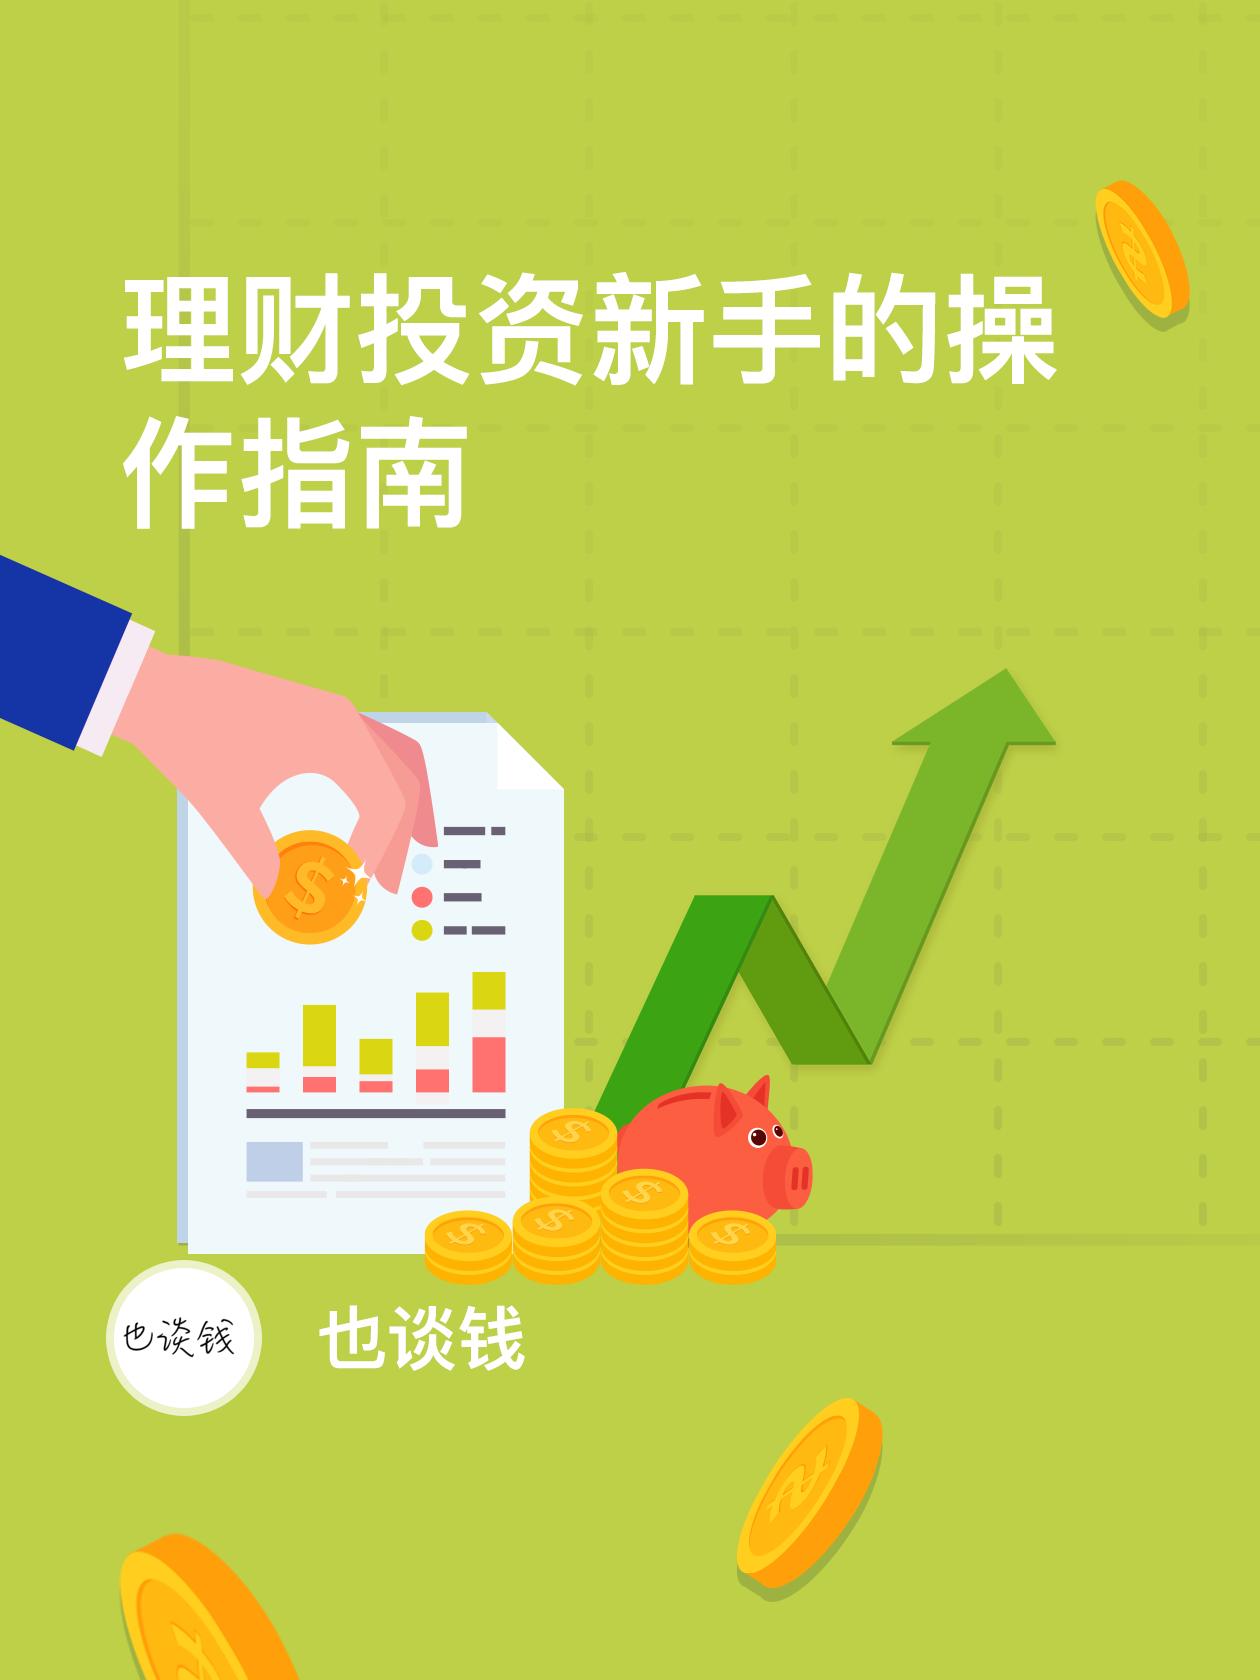 理财投资新手的操作指南